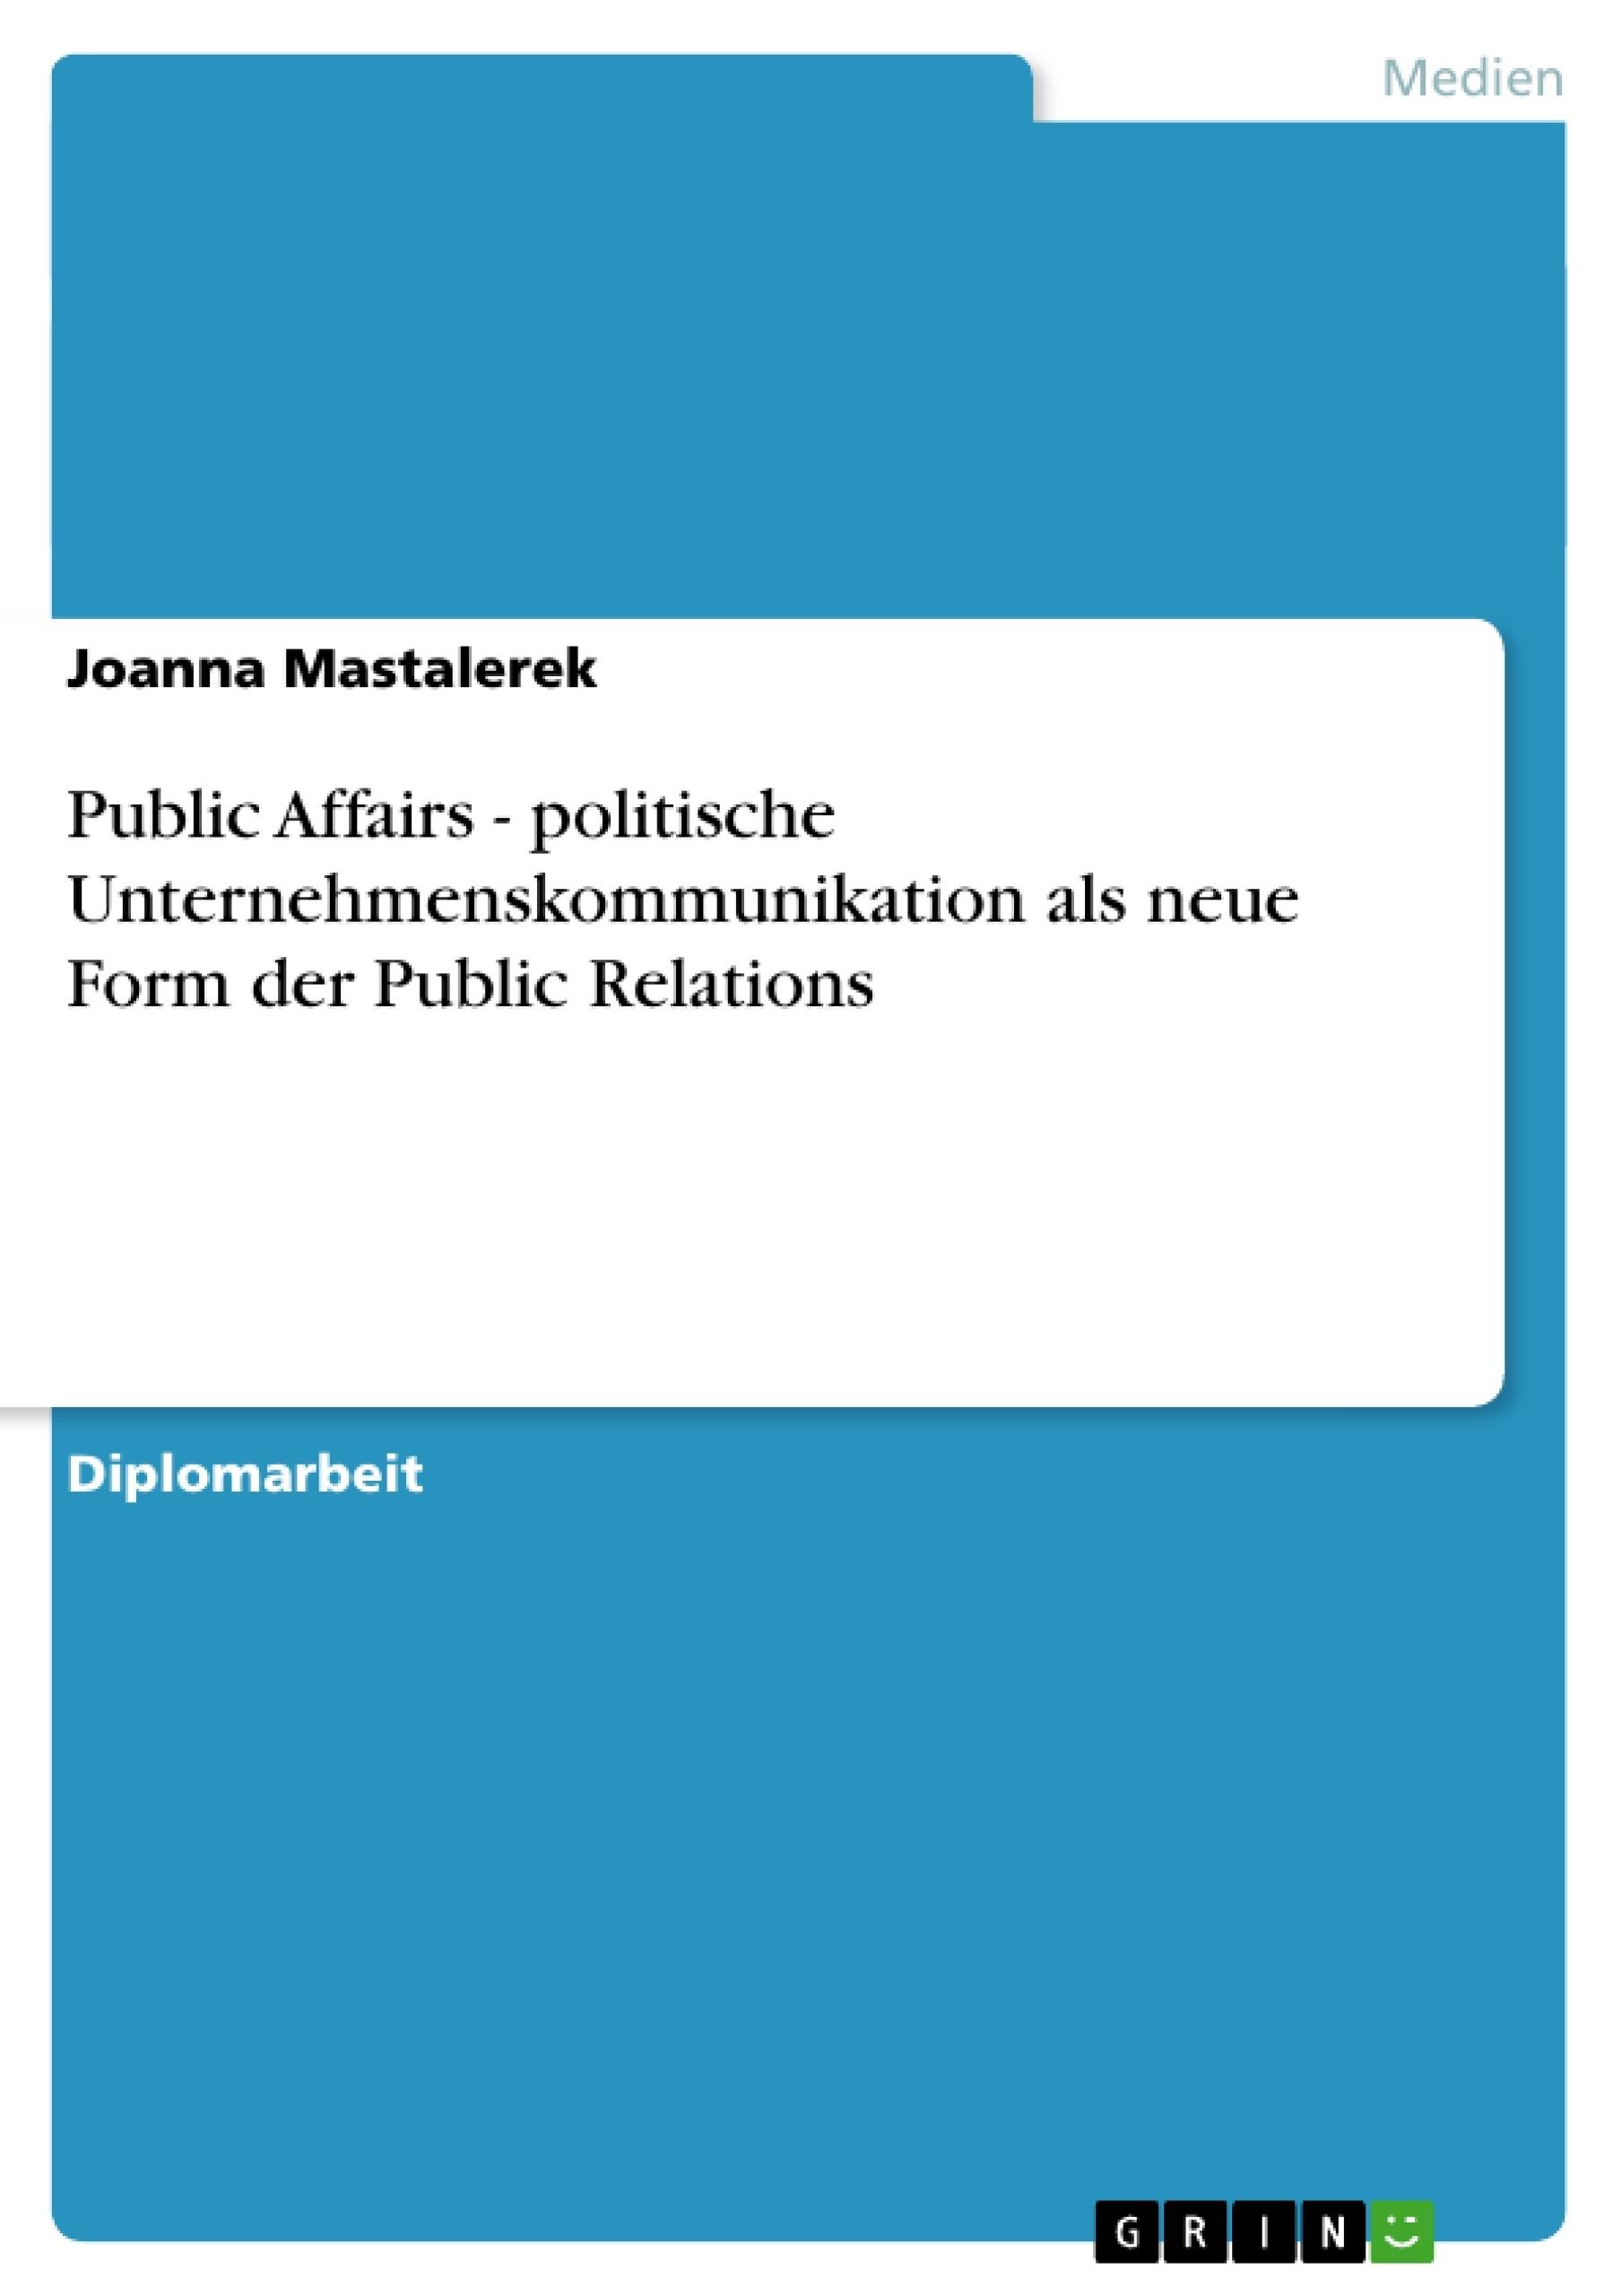 Titel: Public Affairs - politische Unternehmenskommunikation als neue Form der Public Relations